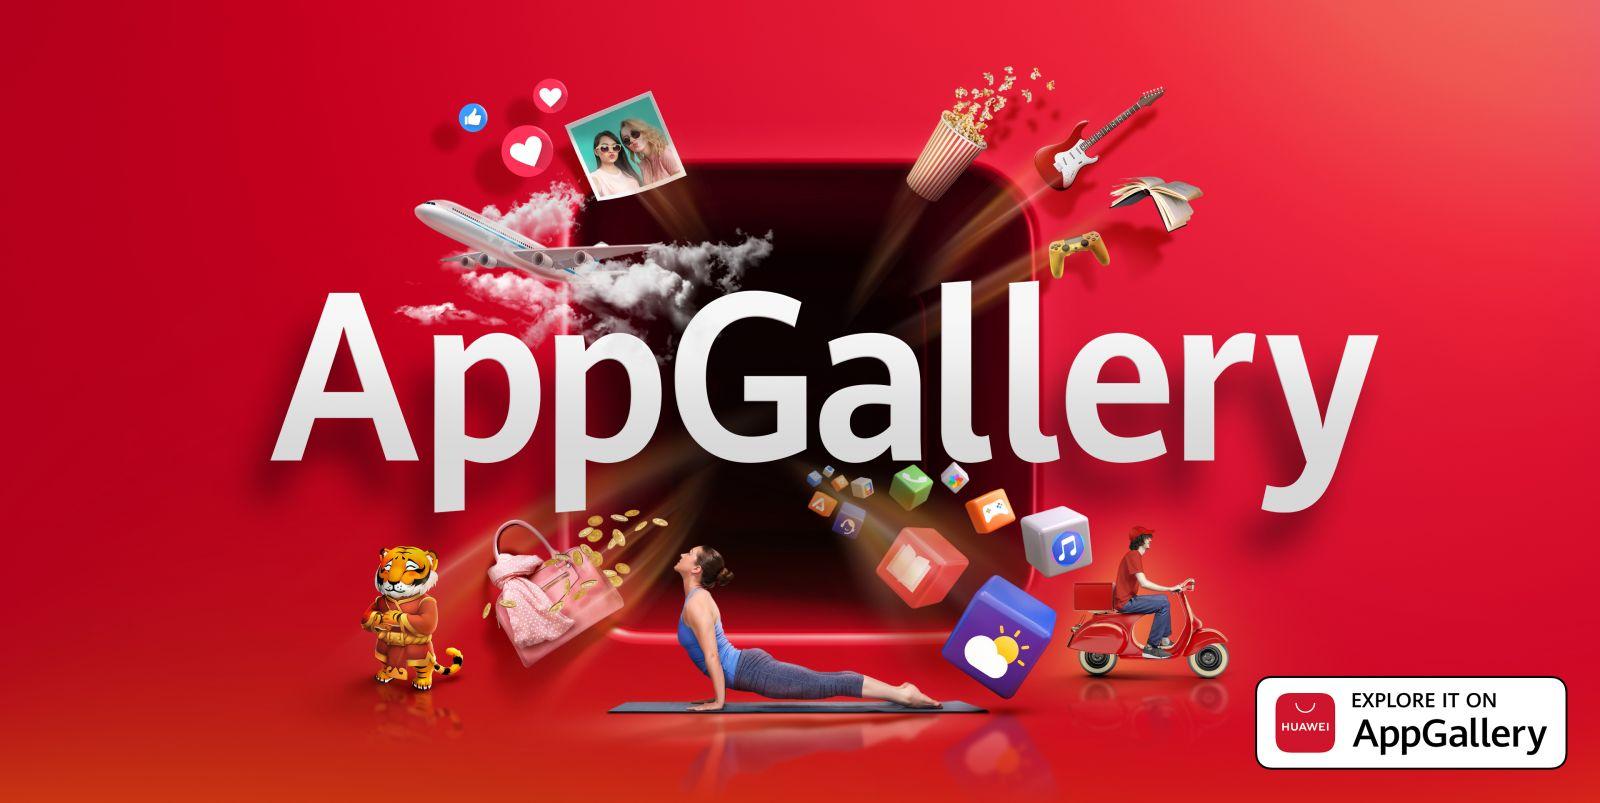 Huawei spúšťa v AppGallery letný festival aplikácií, za ich stiahnutie rozdáva množstvo cien